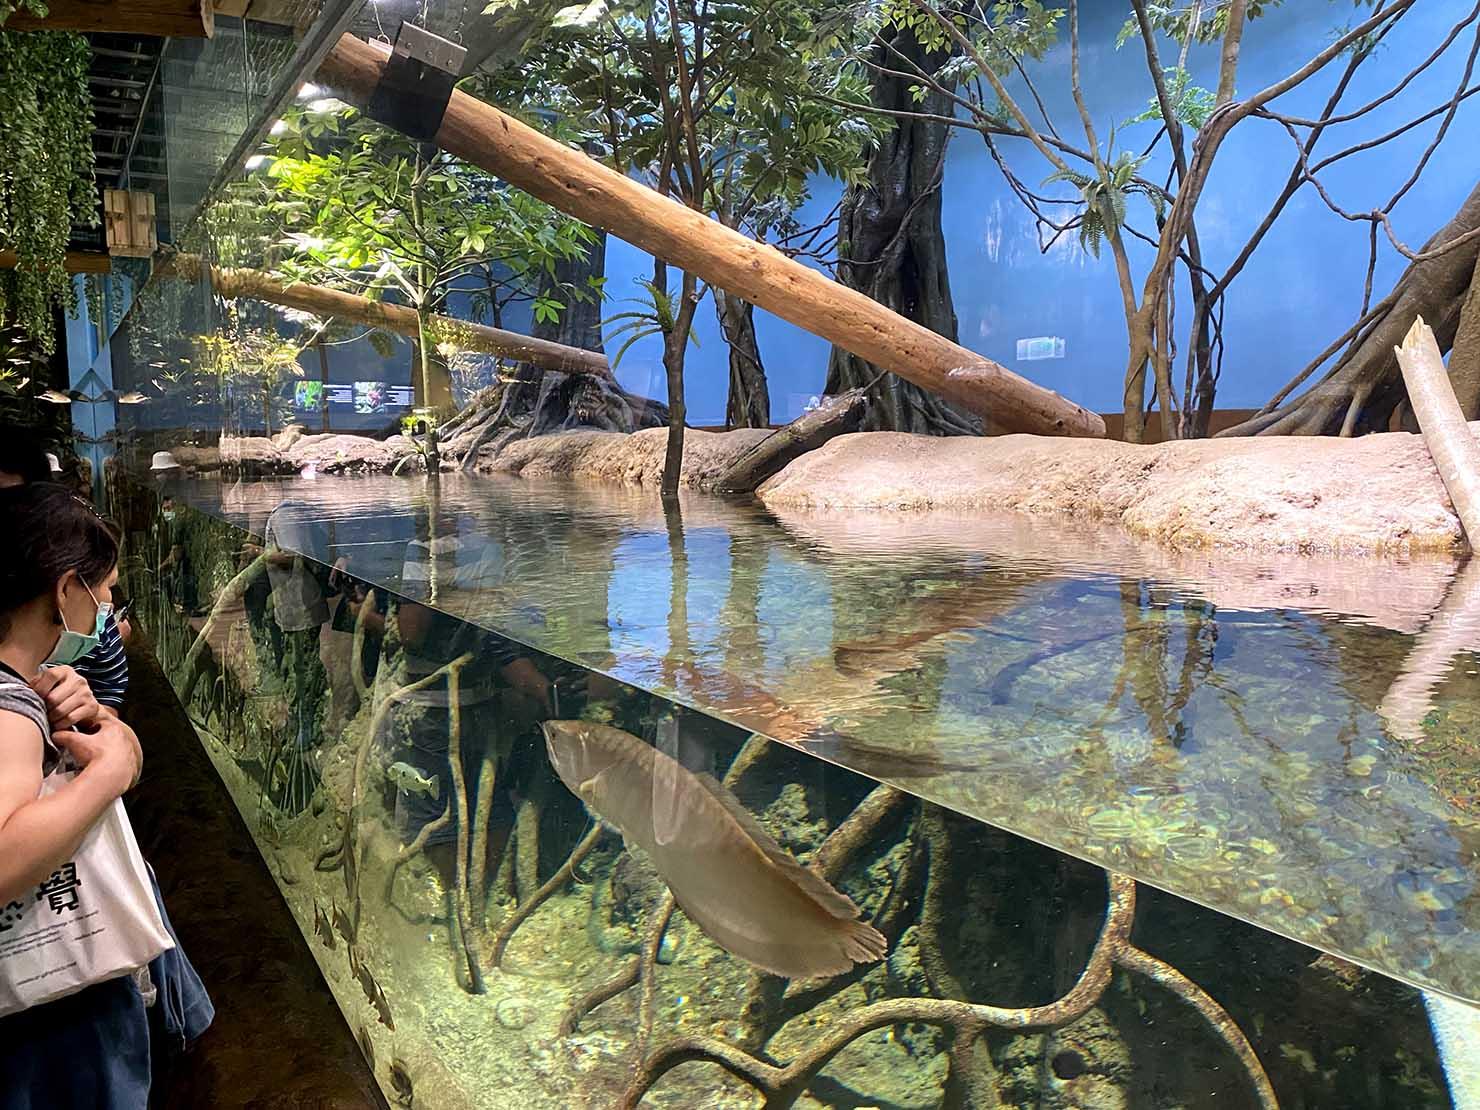 台北に誕生した都市型水族館「Xpark」内エリア「雨林探險」の水槽